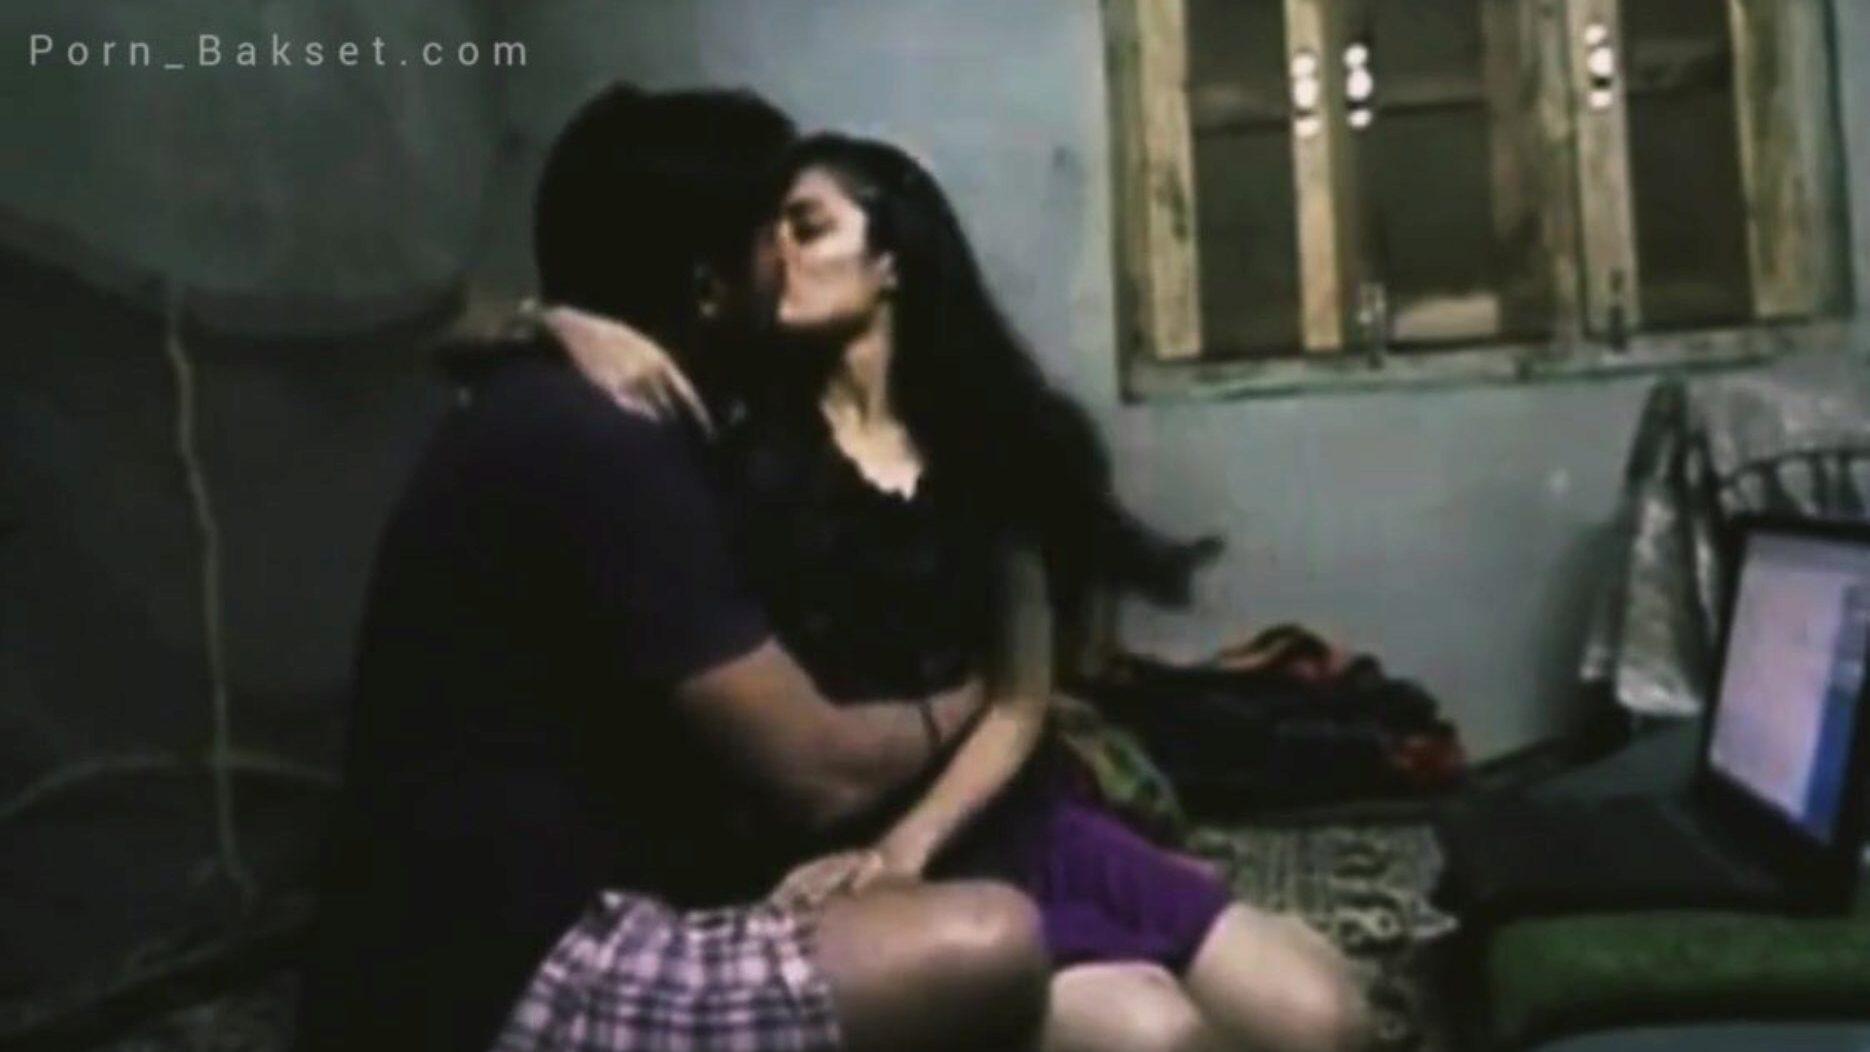 Short couple video sex Mature couple